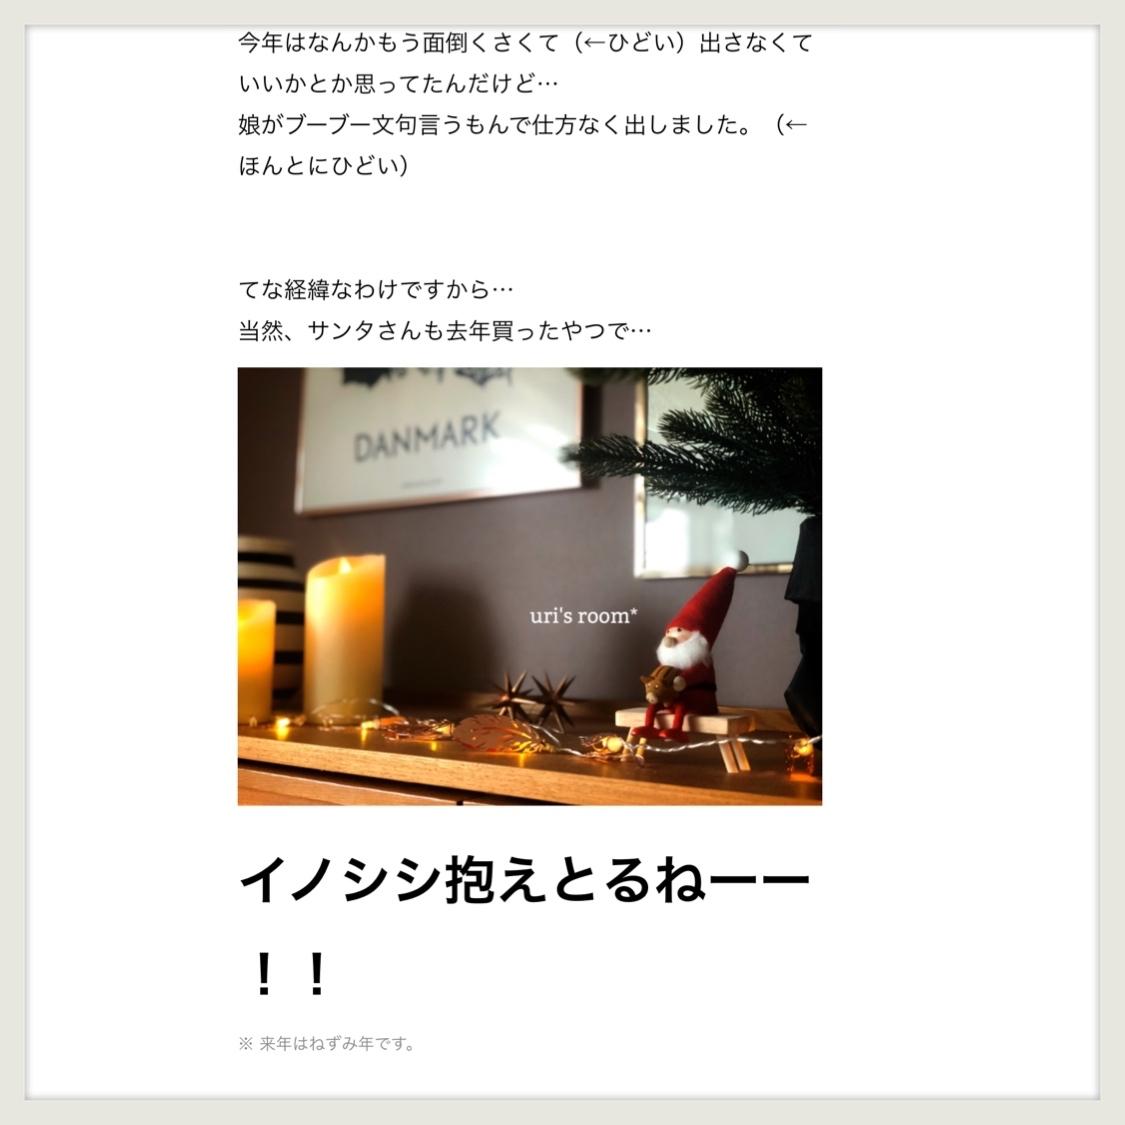 新年のご挨拶。そして早速、新年初のお買い物マラソンはいつ?ヽ(´▽`)/_a0341288_15084143.jpg